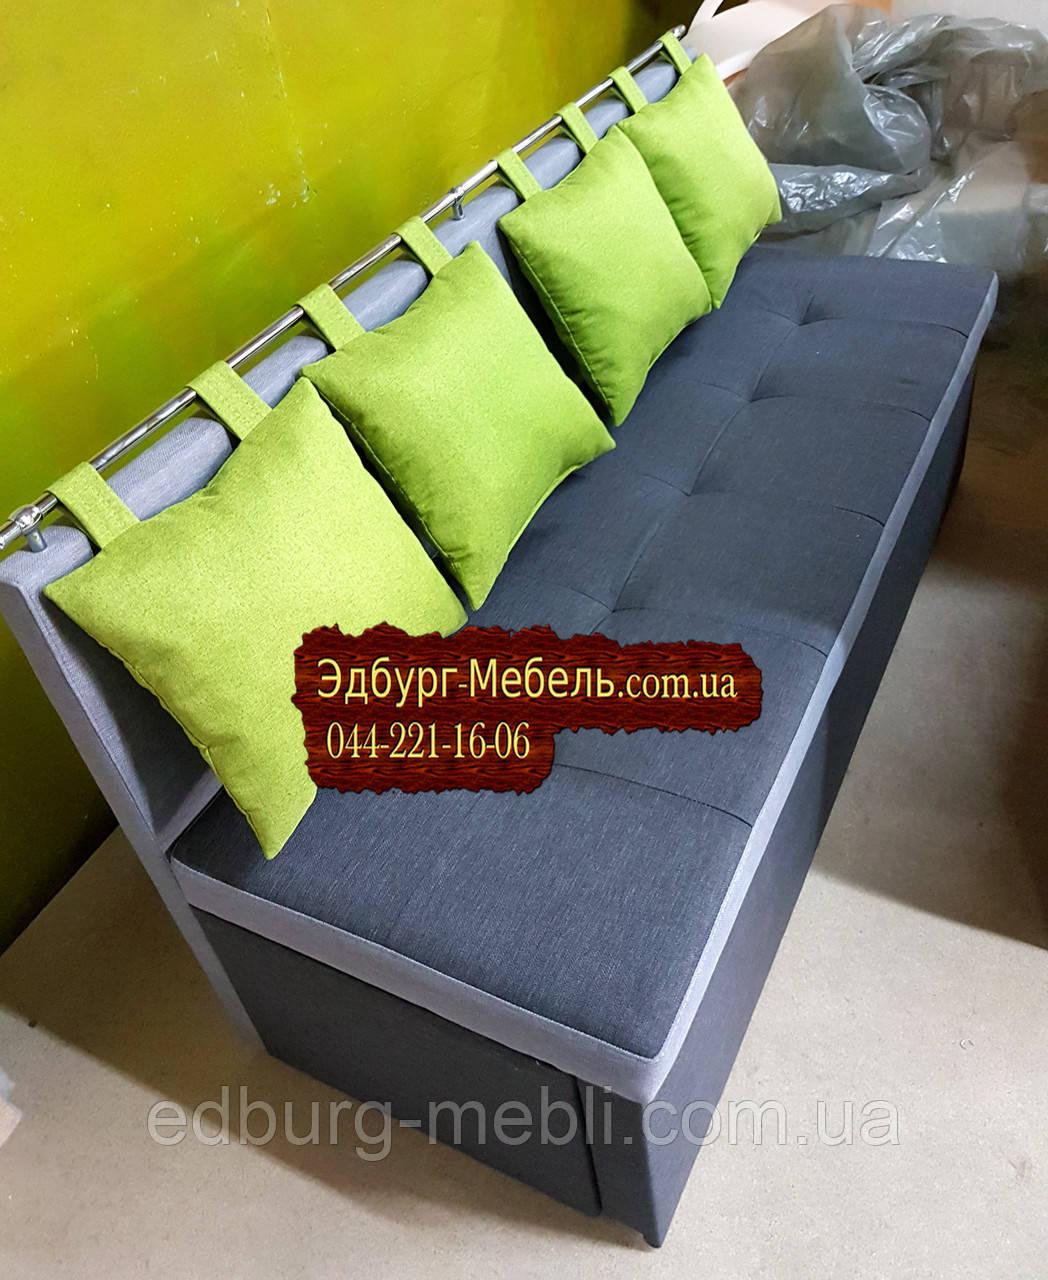 Диван для вузької кімнати з ящиком + спальним місцем 1600х550х870мм